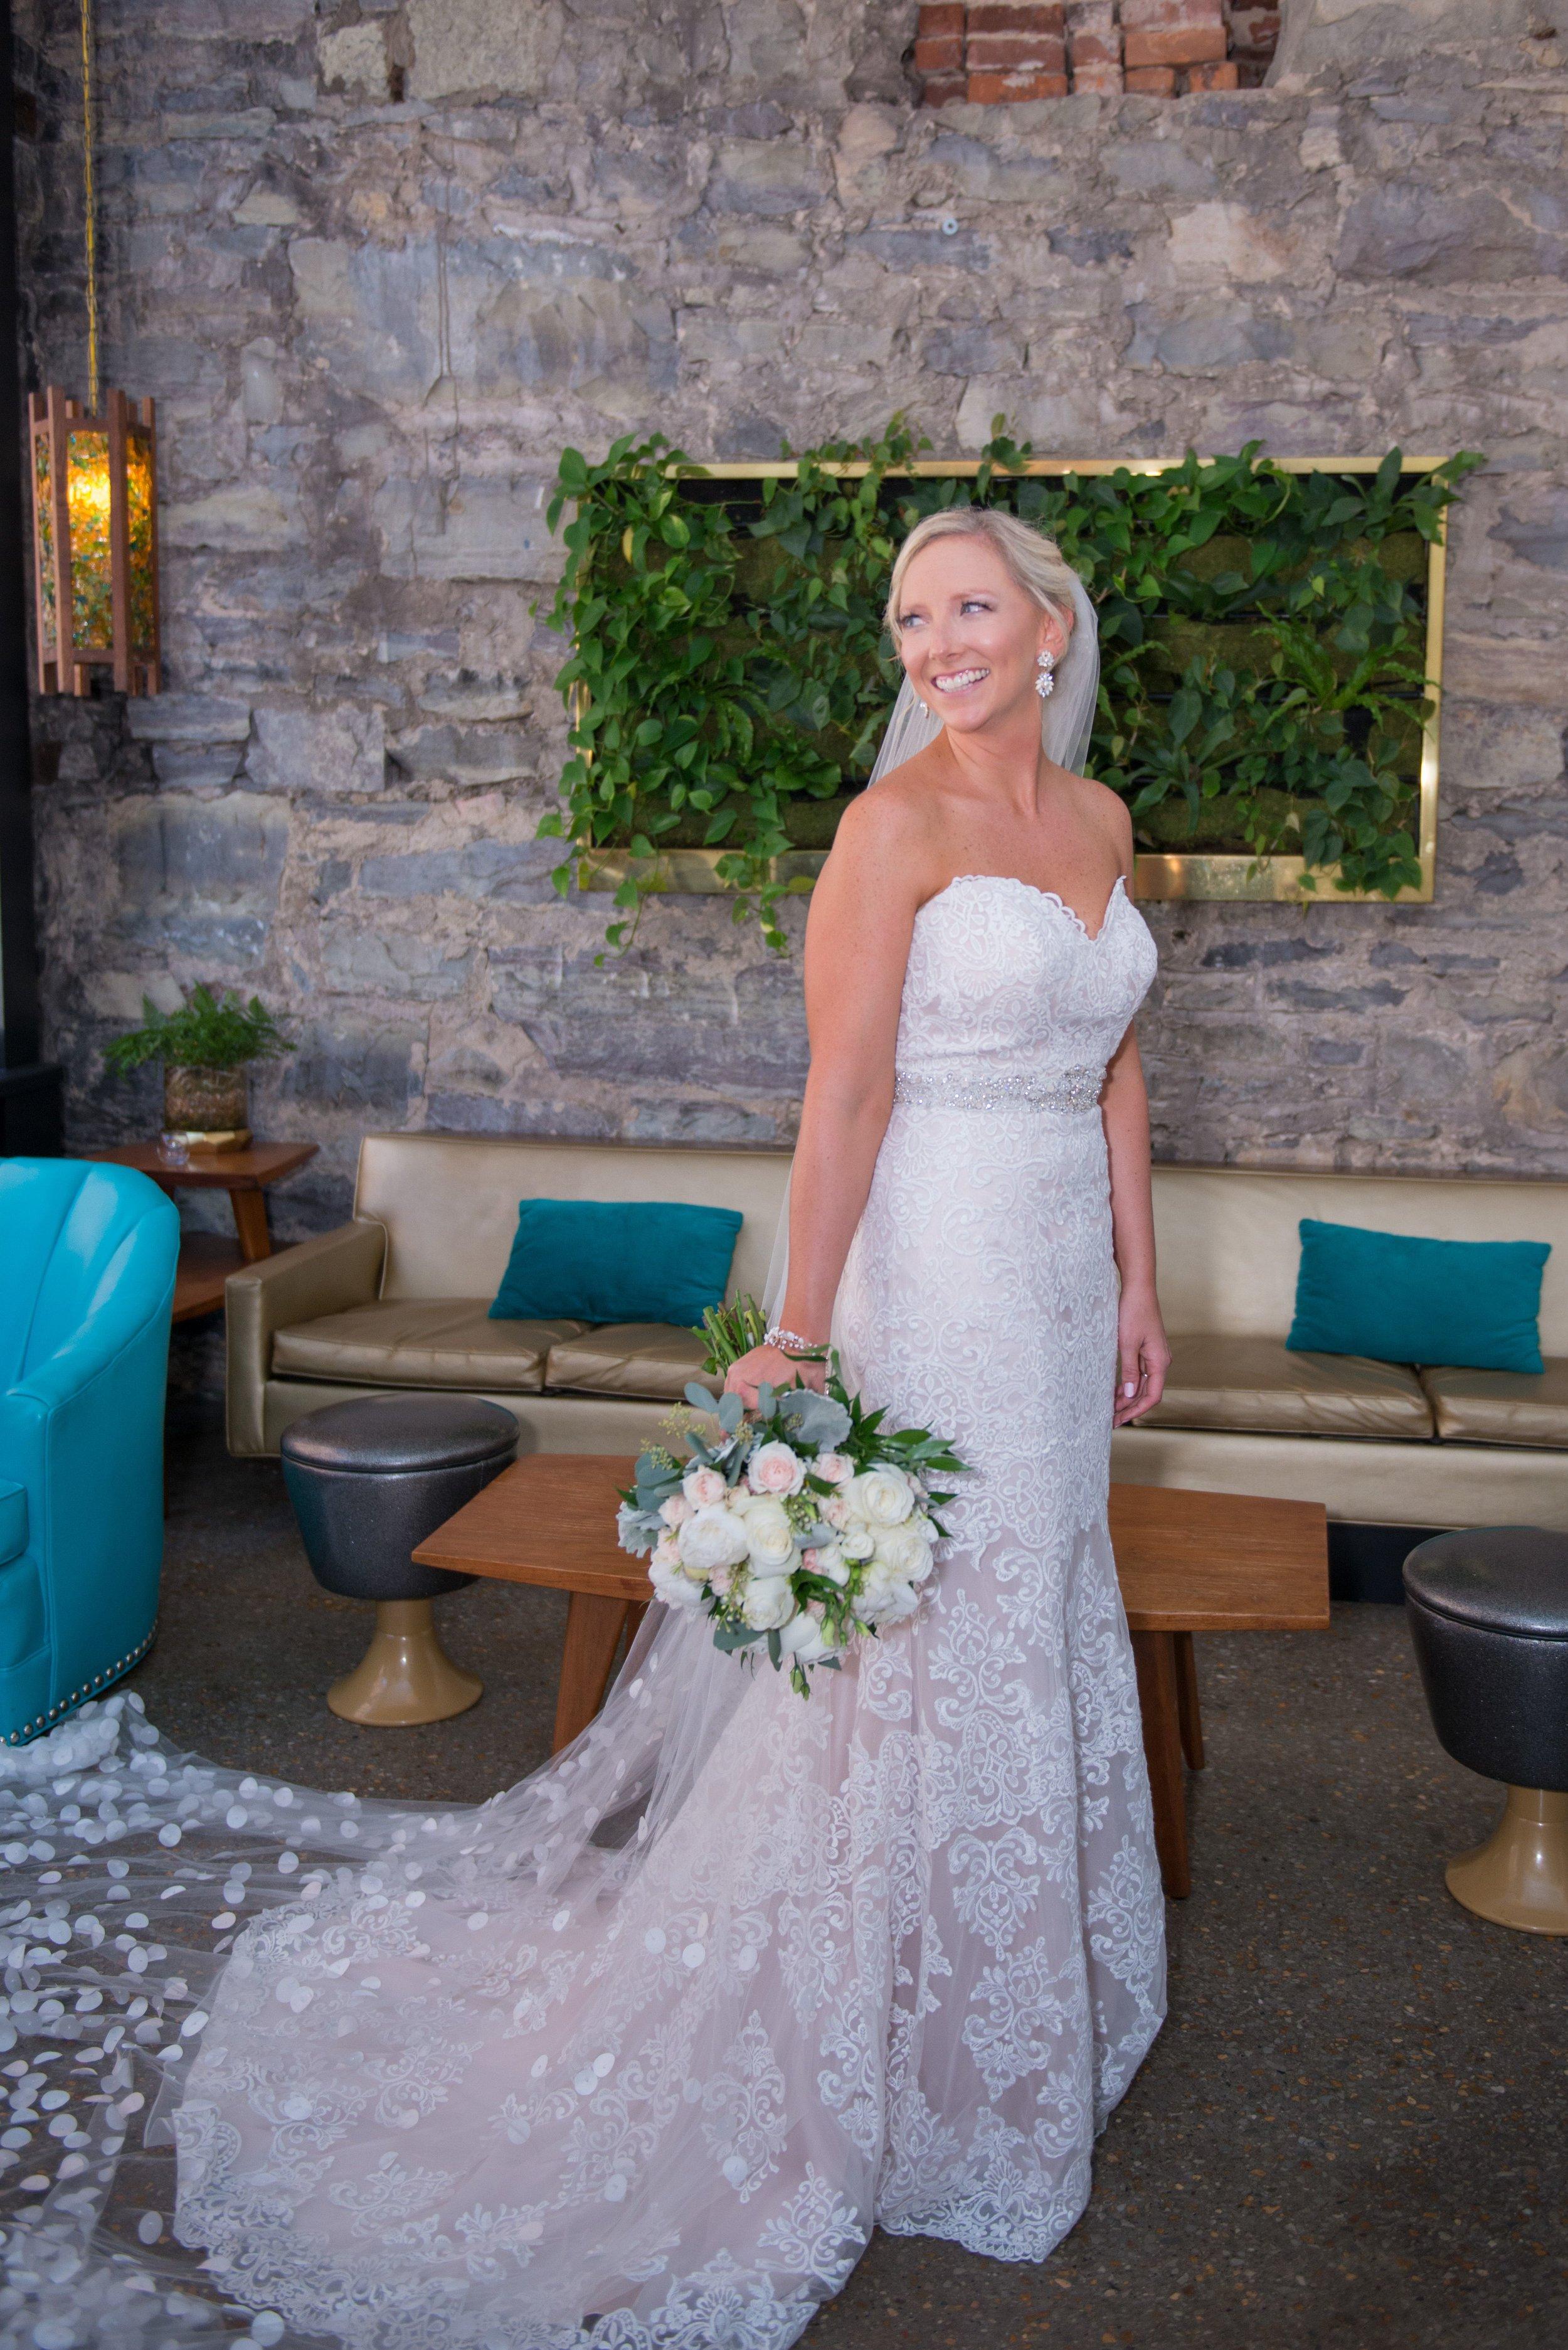 00003_Stover-WeddingSp-31.jpg